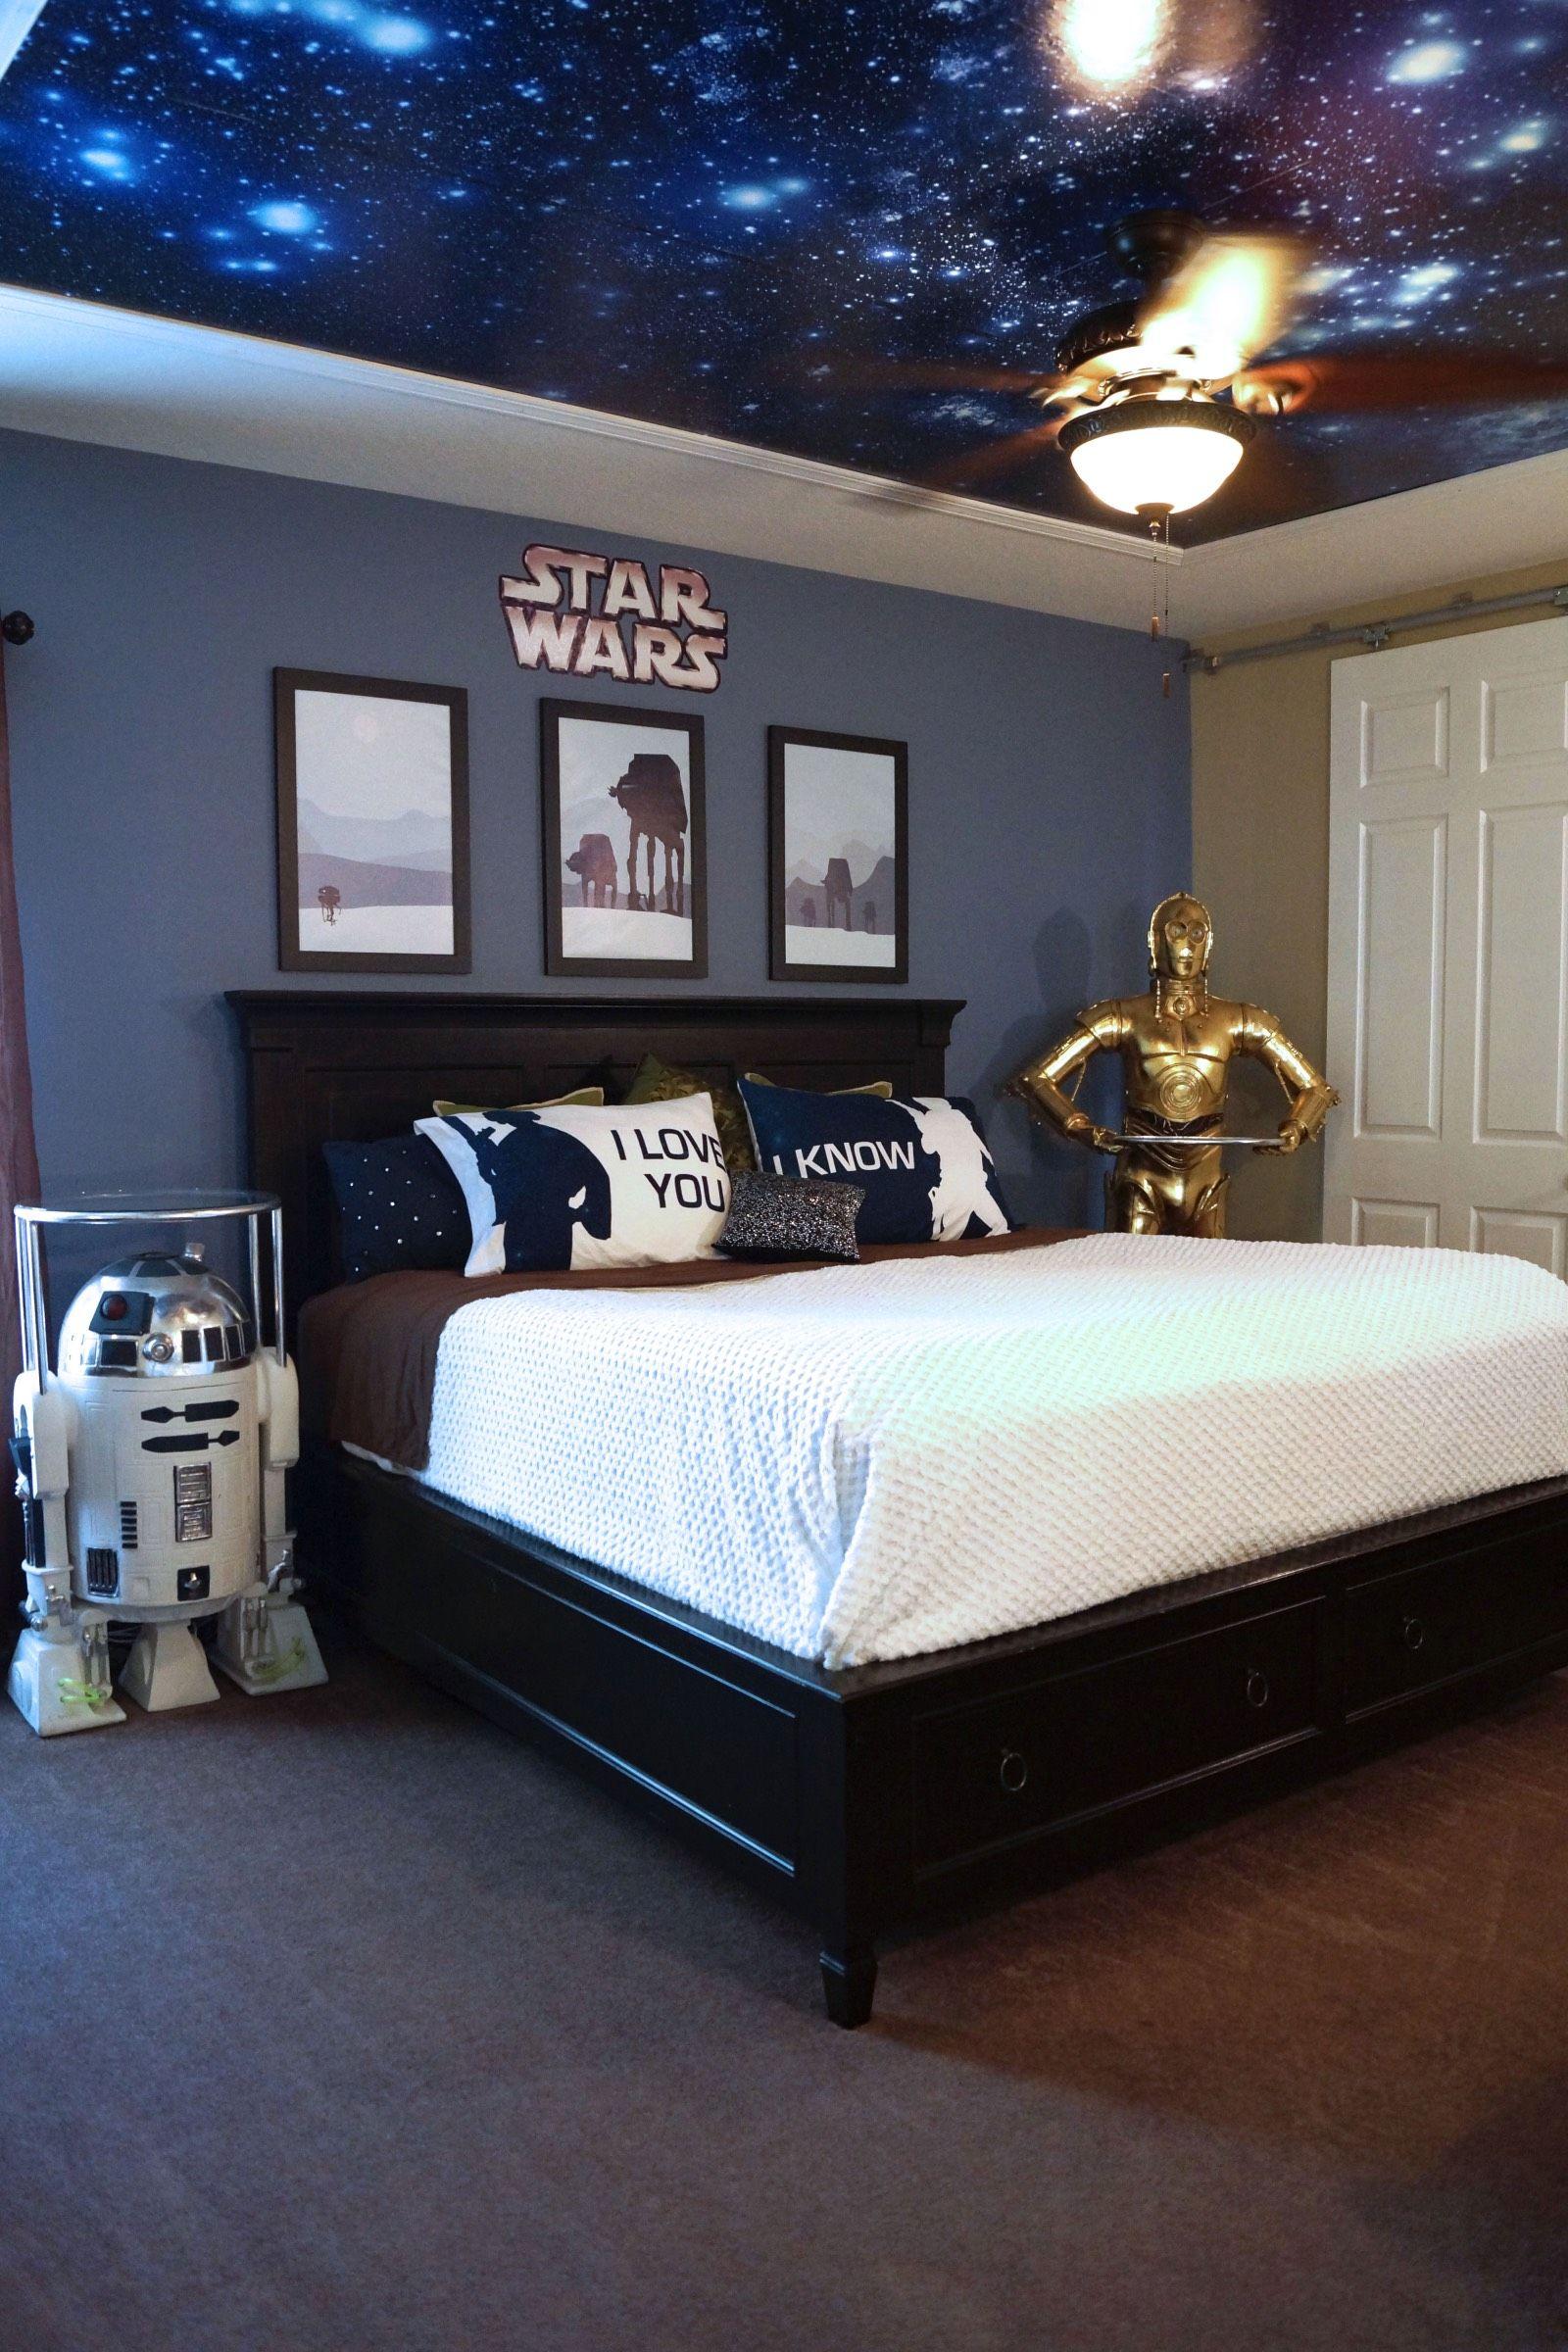 Image Result For Star Wars Bedroom Tiener Jongen Slaapkamer